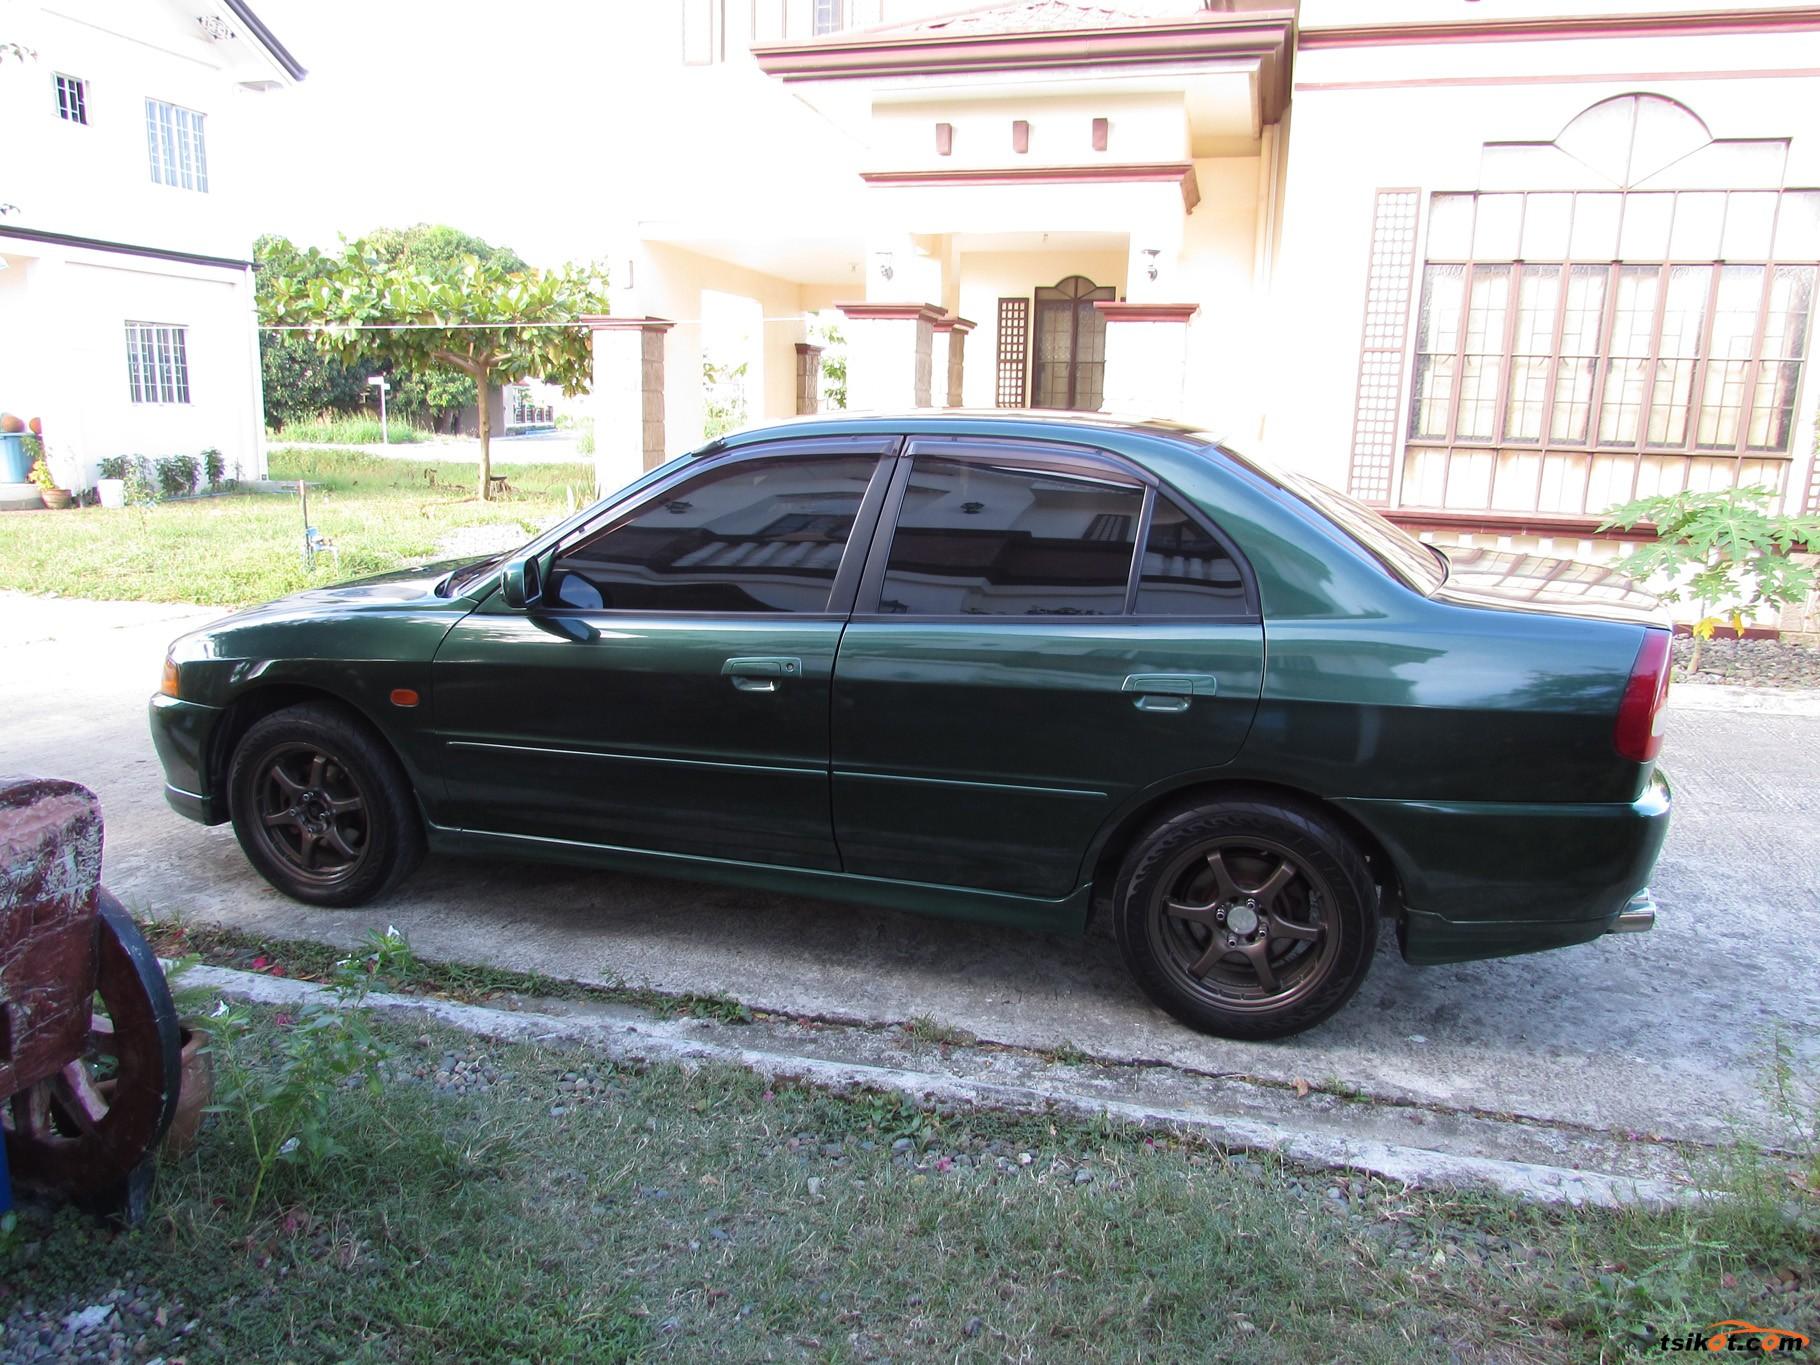 Mitsubishi Lancer 1998 - 3